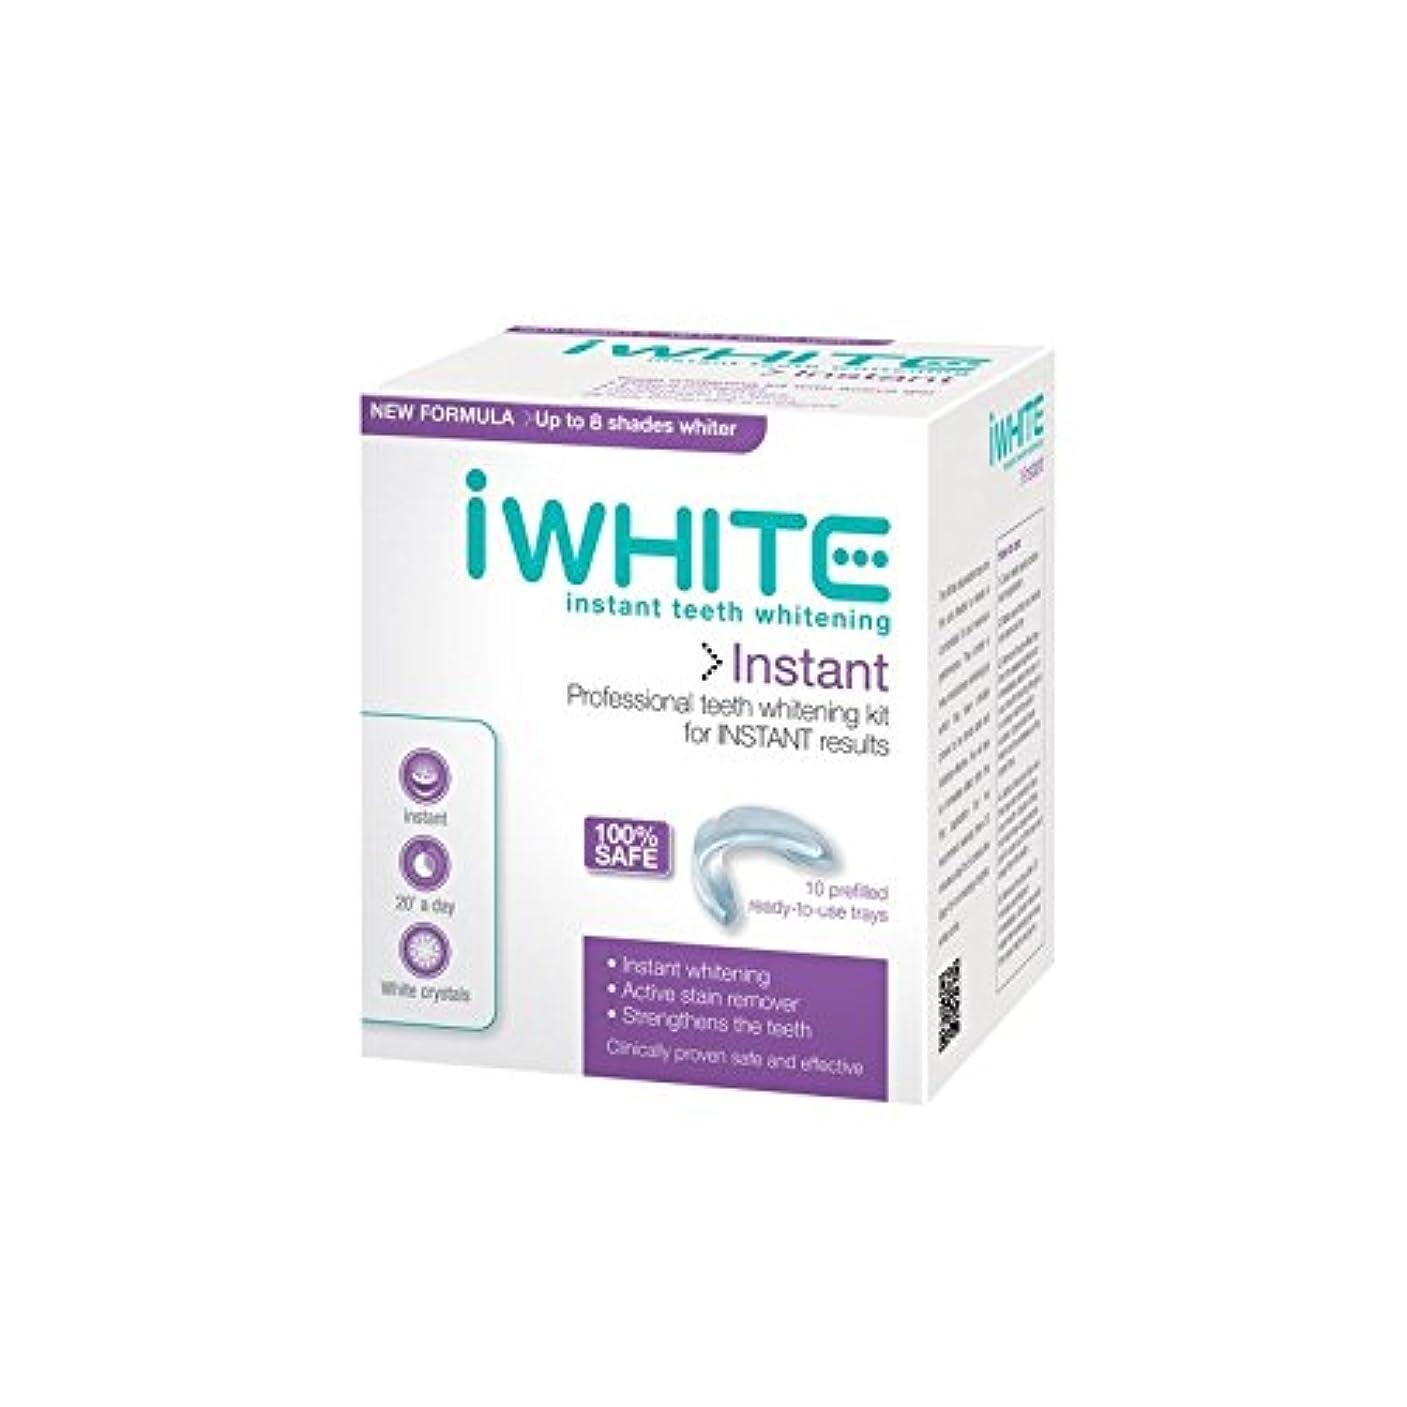 偏見に関して支配的iWhite Instant Professional Teeth Whitening Kit (10 Trays) (Pack of 6) - キットを白くするインスタントプロの歯(10個のトレー) x6 [並行輸入品]